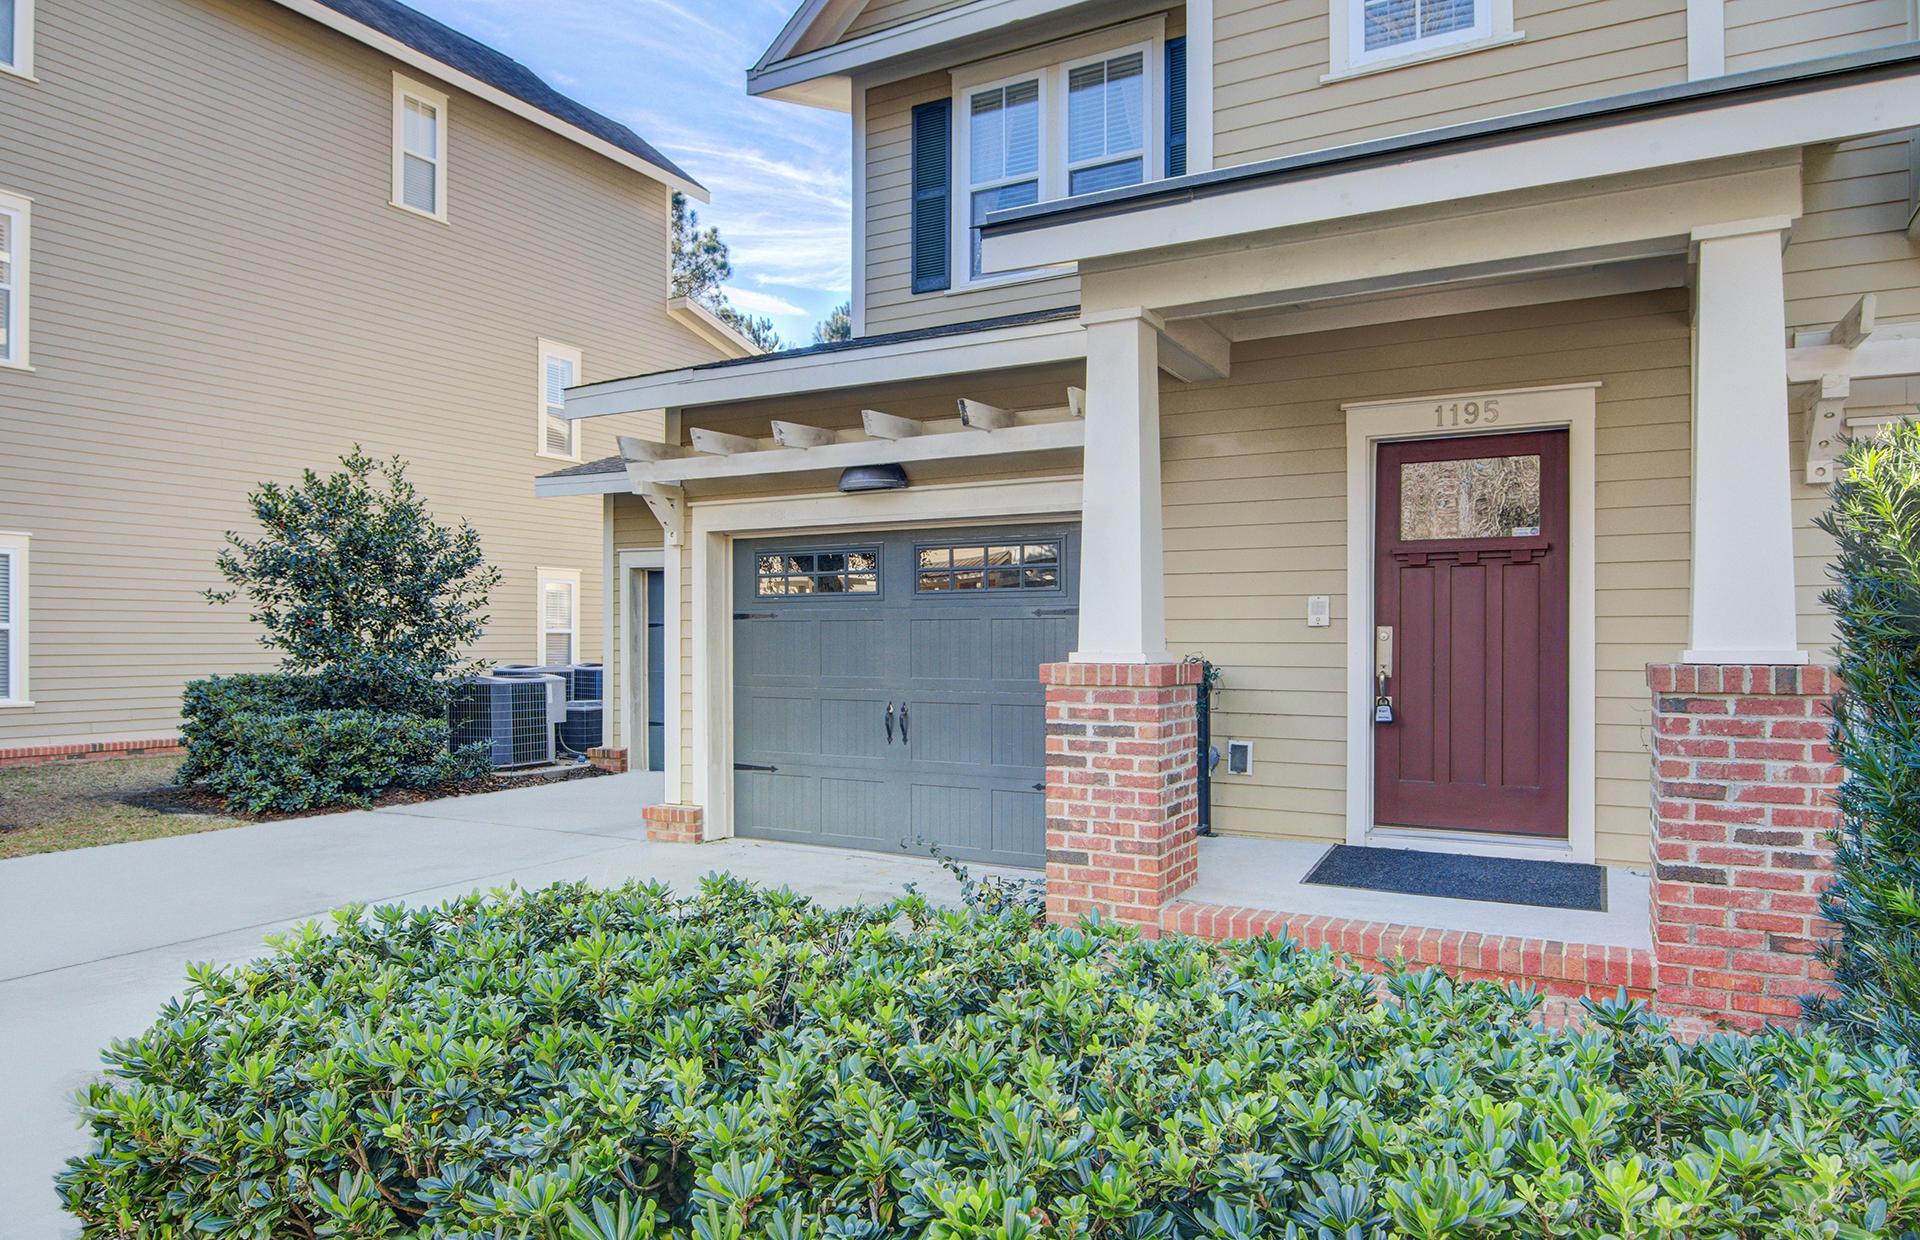 Royal Palms Homes For Sale - 1195 Dingle, Mount Pleasant, SC - 2